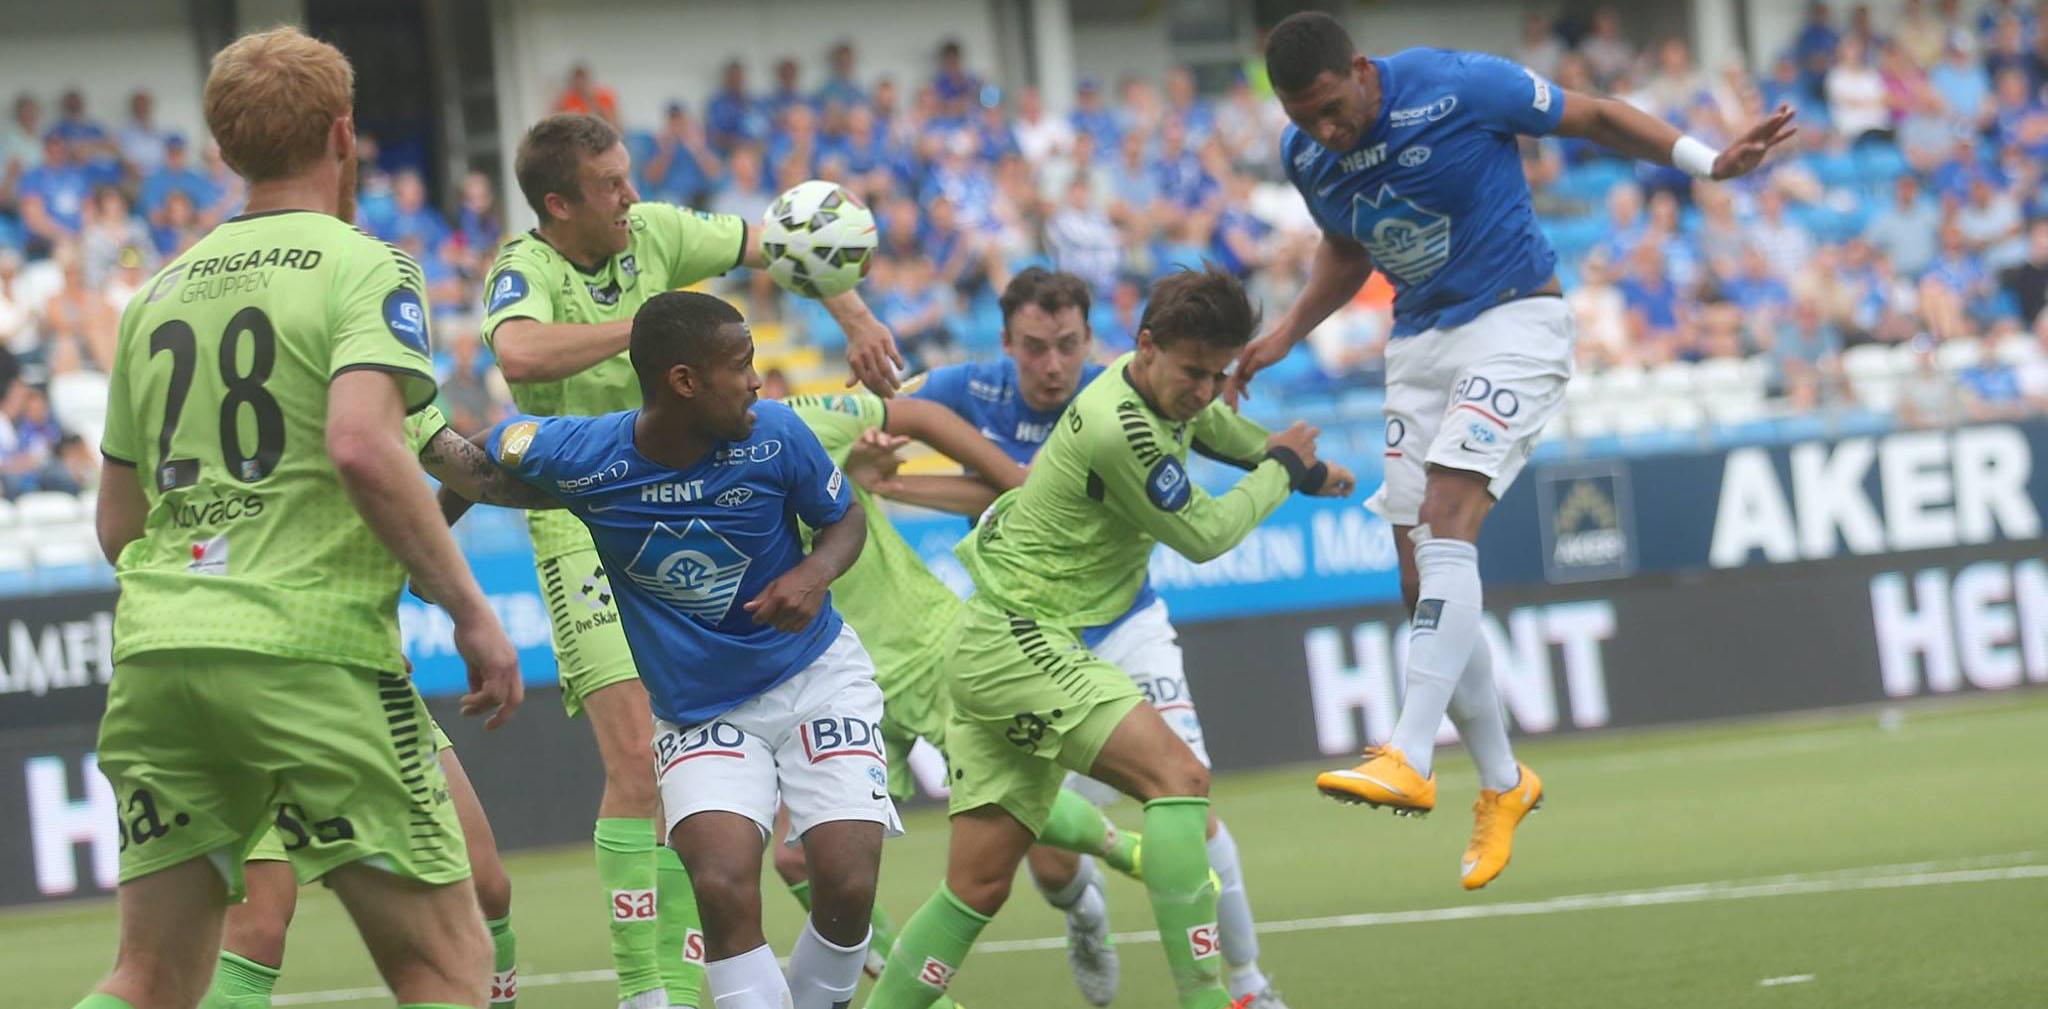 Norvegia Eliteserien 20 ottobre: analisi e pronostico della giornata della massima divisione calcistica norvegese